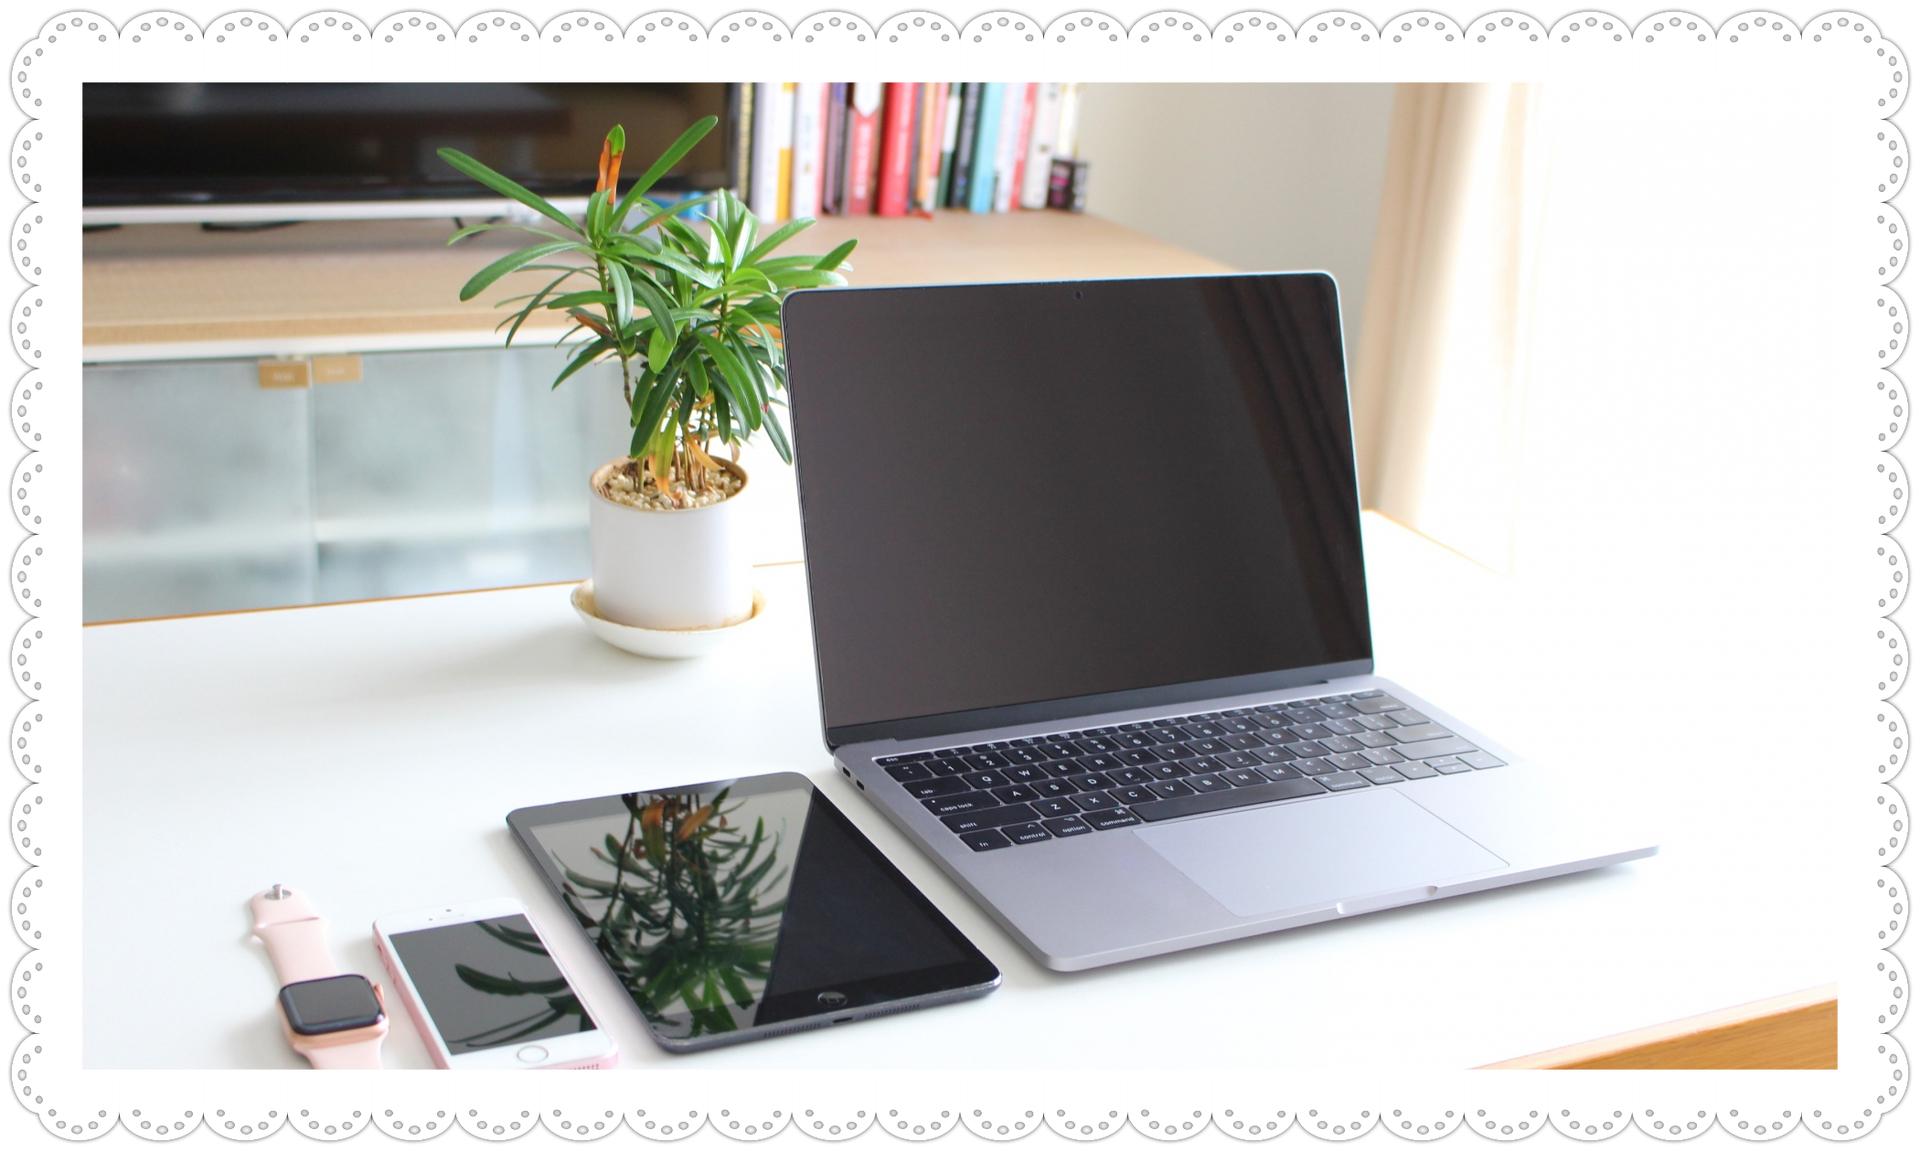 パソコンのスピードが遅くなったら調べてみること4つ!|職住隣接物語 ngsw.net